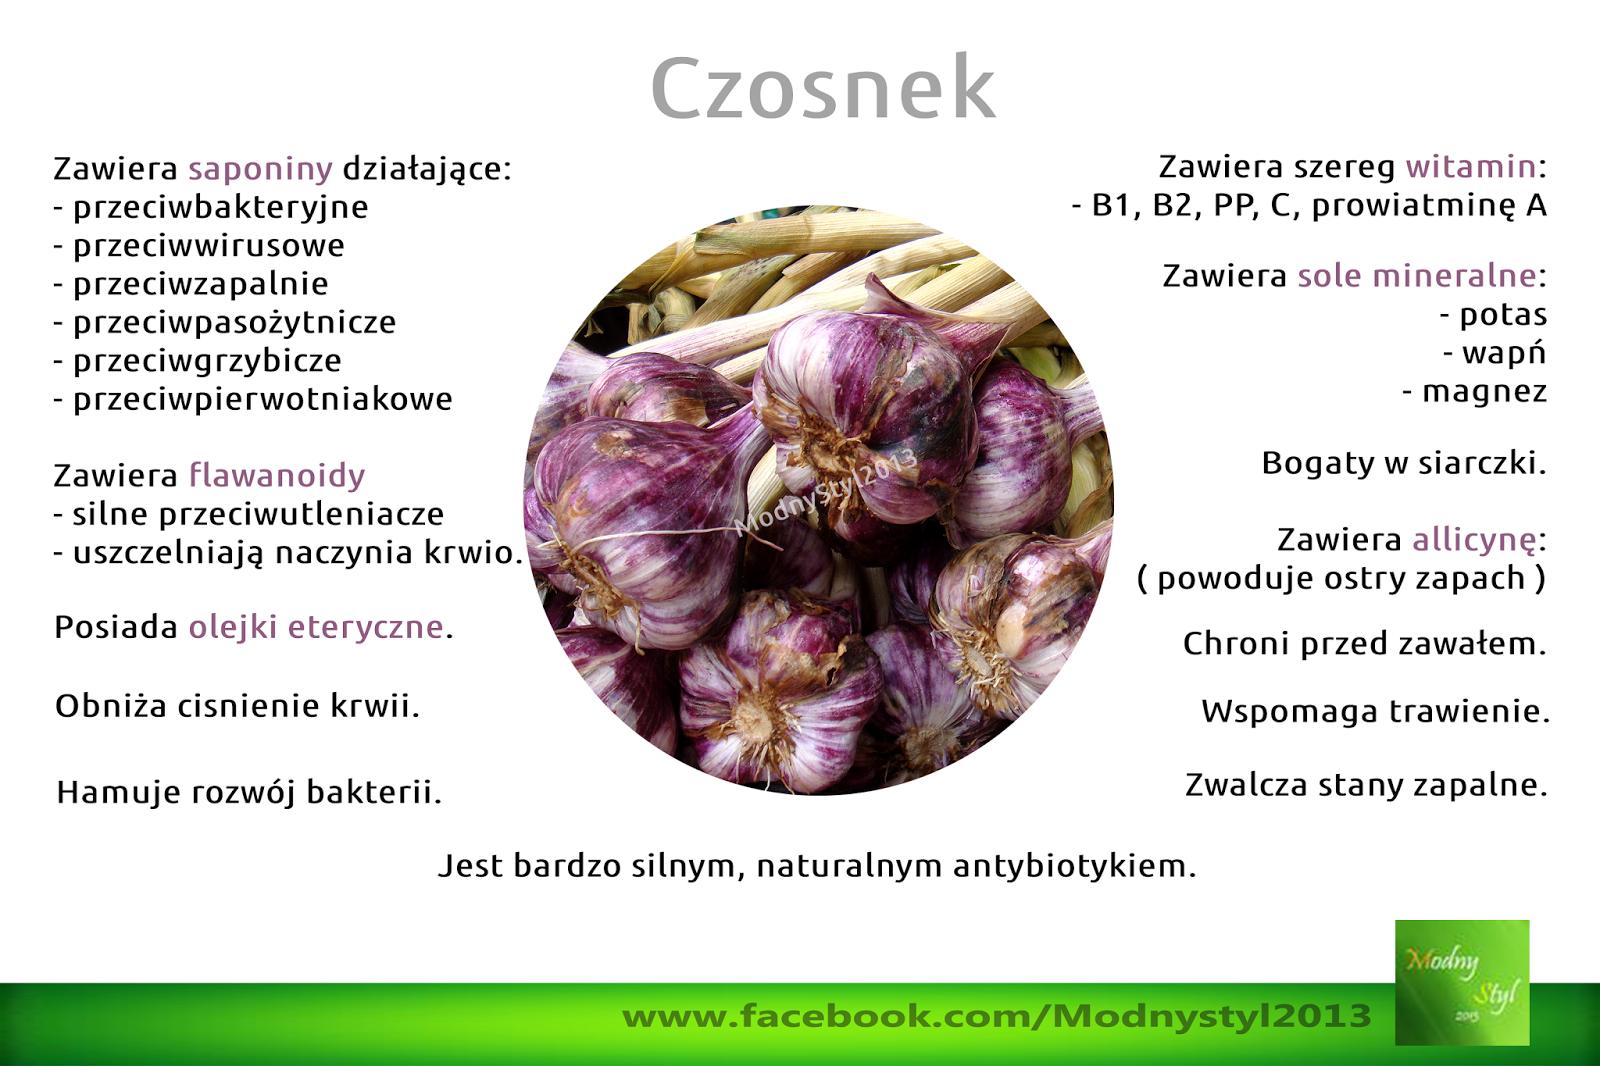 czosnek-3562425